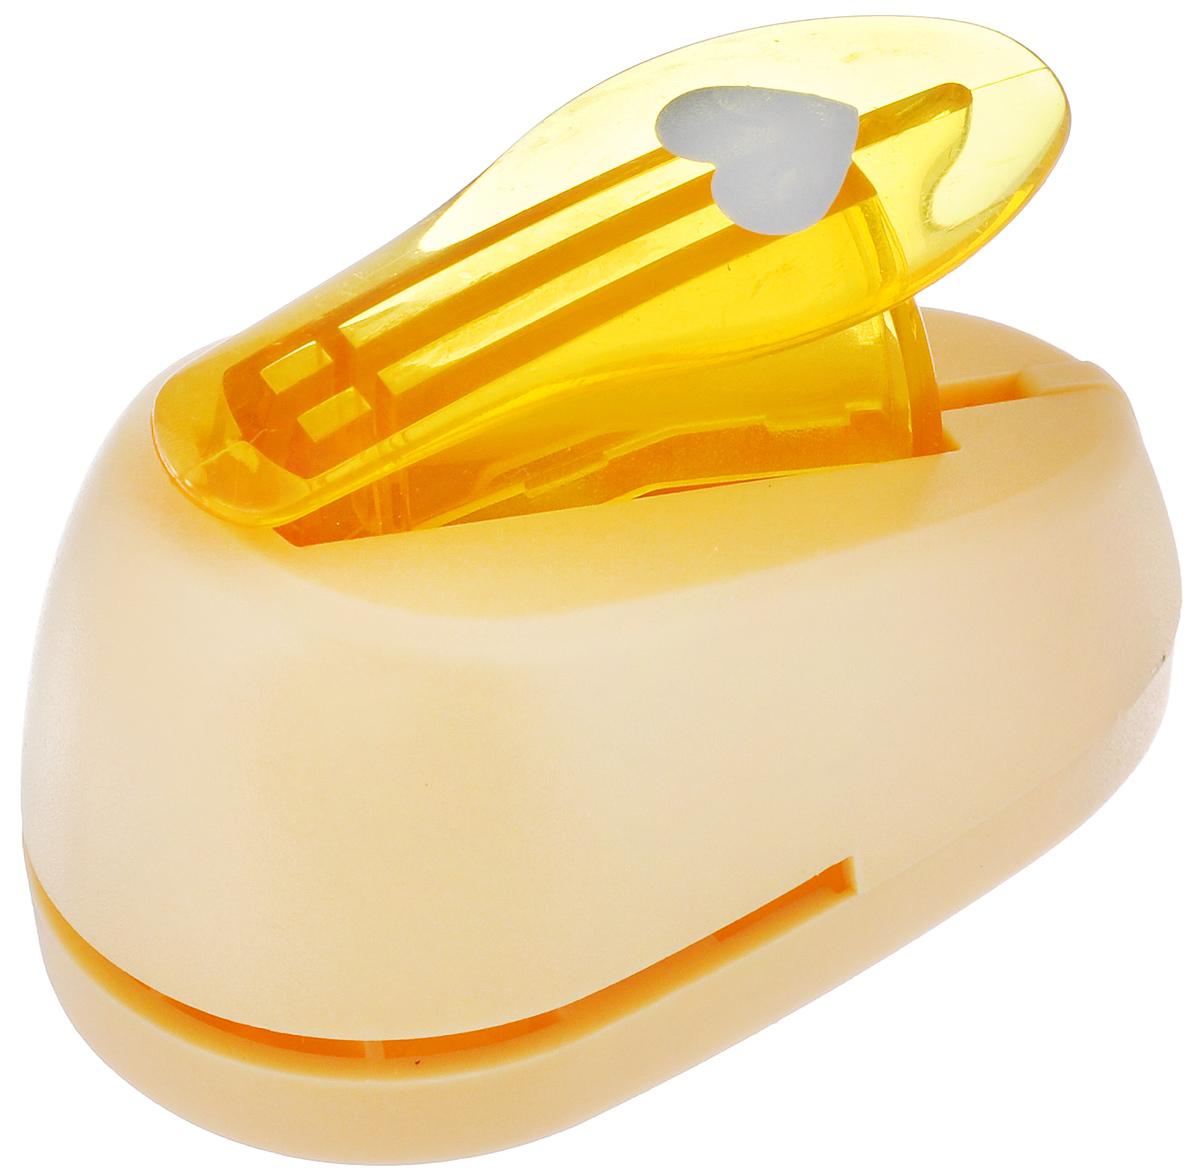 Дырокол фигурный Hobbyboom Сердце, №23, цвет: оранжевый, 1,8 смCD-99S-023_оранжевыйФигурный дырокол Hobbyboom Сердце изготовлен из пластика и металла, используется в скрапбукинге для создания оригинальных открыток, оформления подарков, в бумажном творчестве. Рисунок прорези указан на ручке дырокола. Используется для прорезания фигурных отверстий в бумаге. Вырезанный элемент также можно использовать для украшения. Предназначен для бумаги определенной плотности - 80 - 200 г/м2. При применении на бумаге большей плотности или на картоне дырокол быстро затупится.